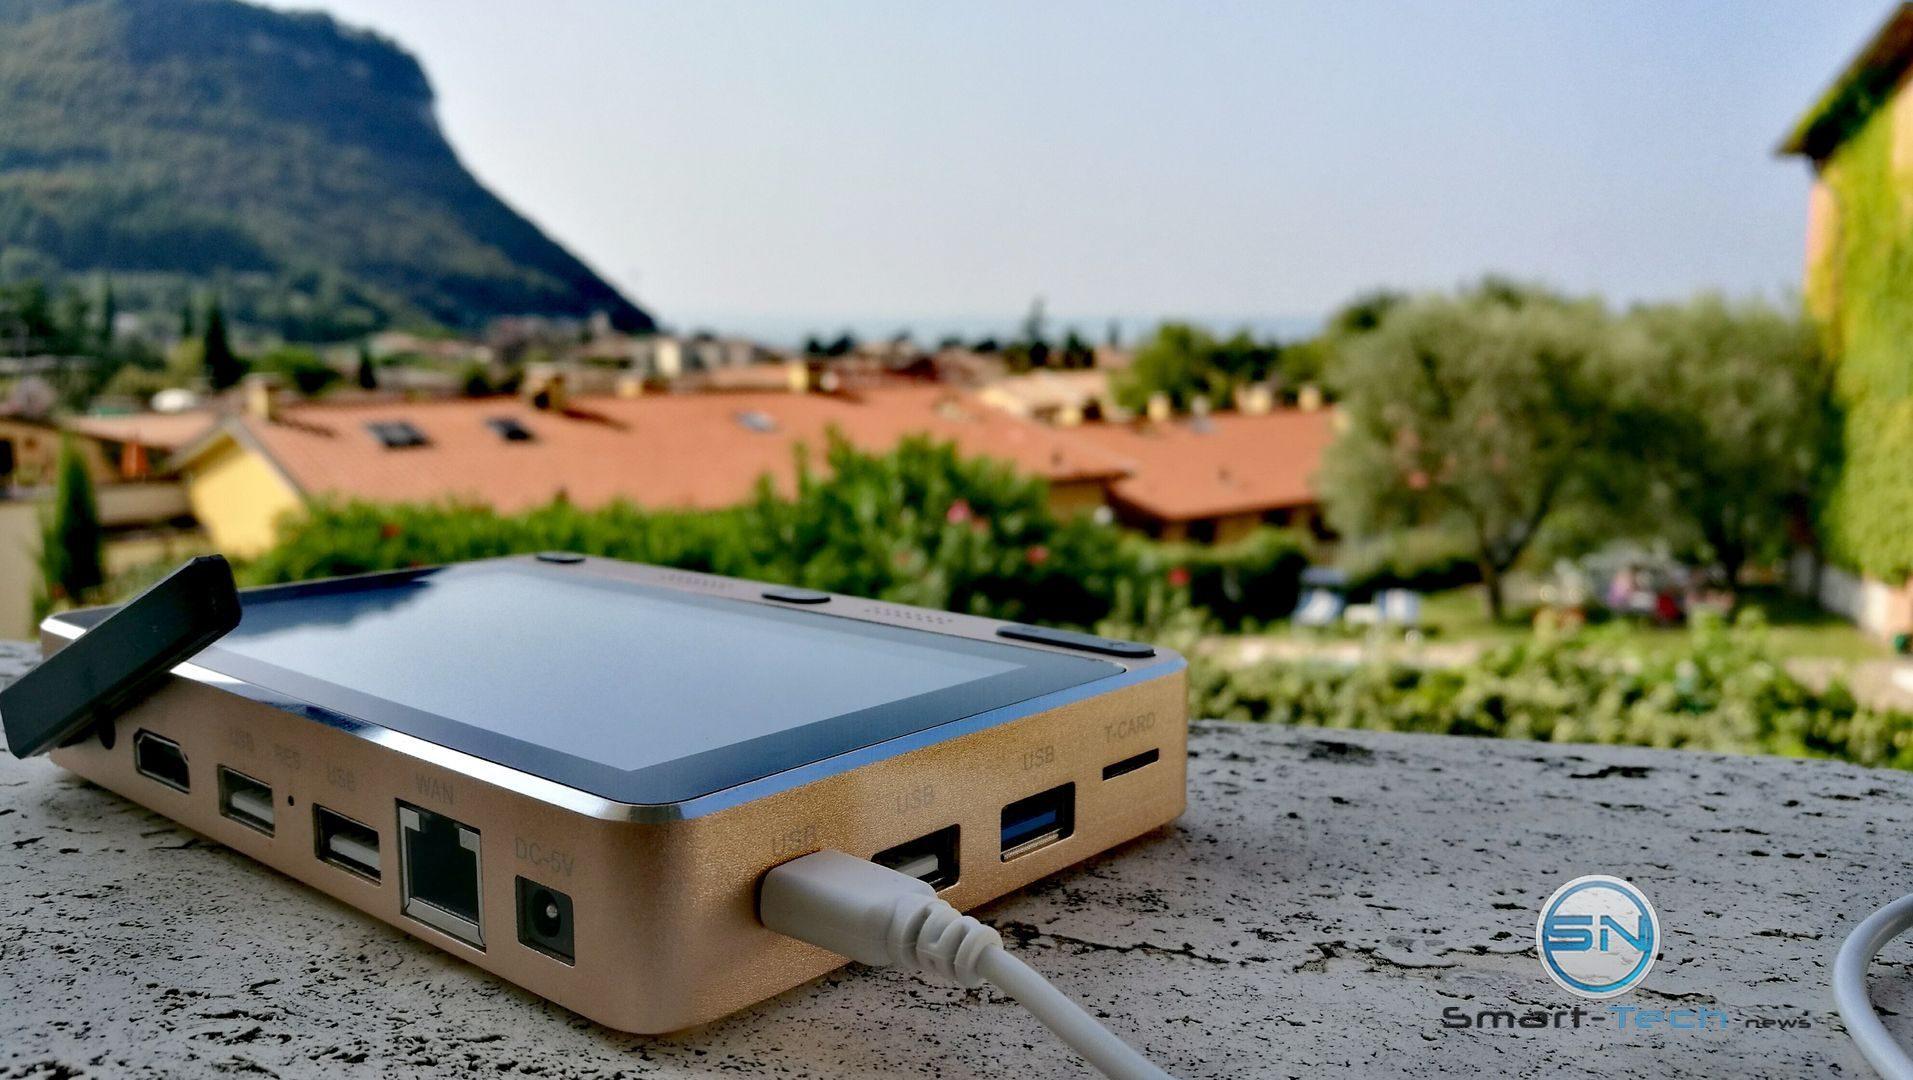 gole1-holiday-produkt-pic-smarttechnews